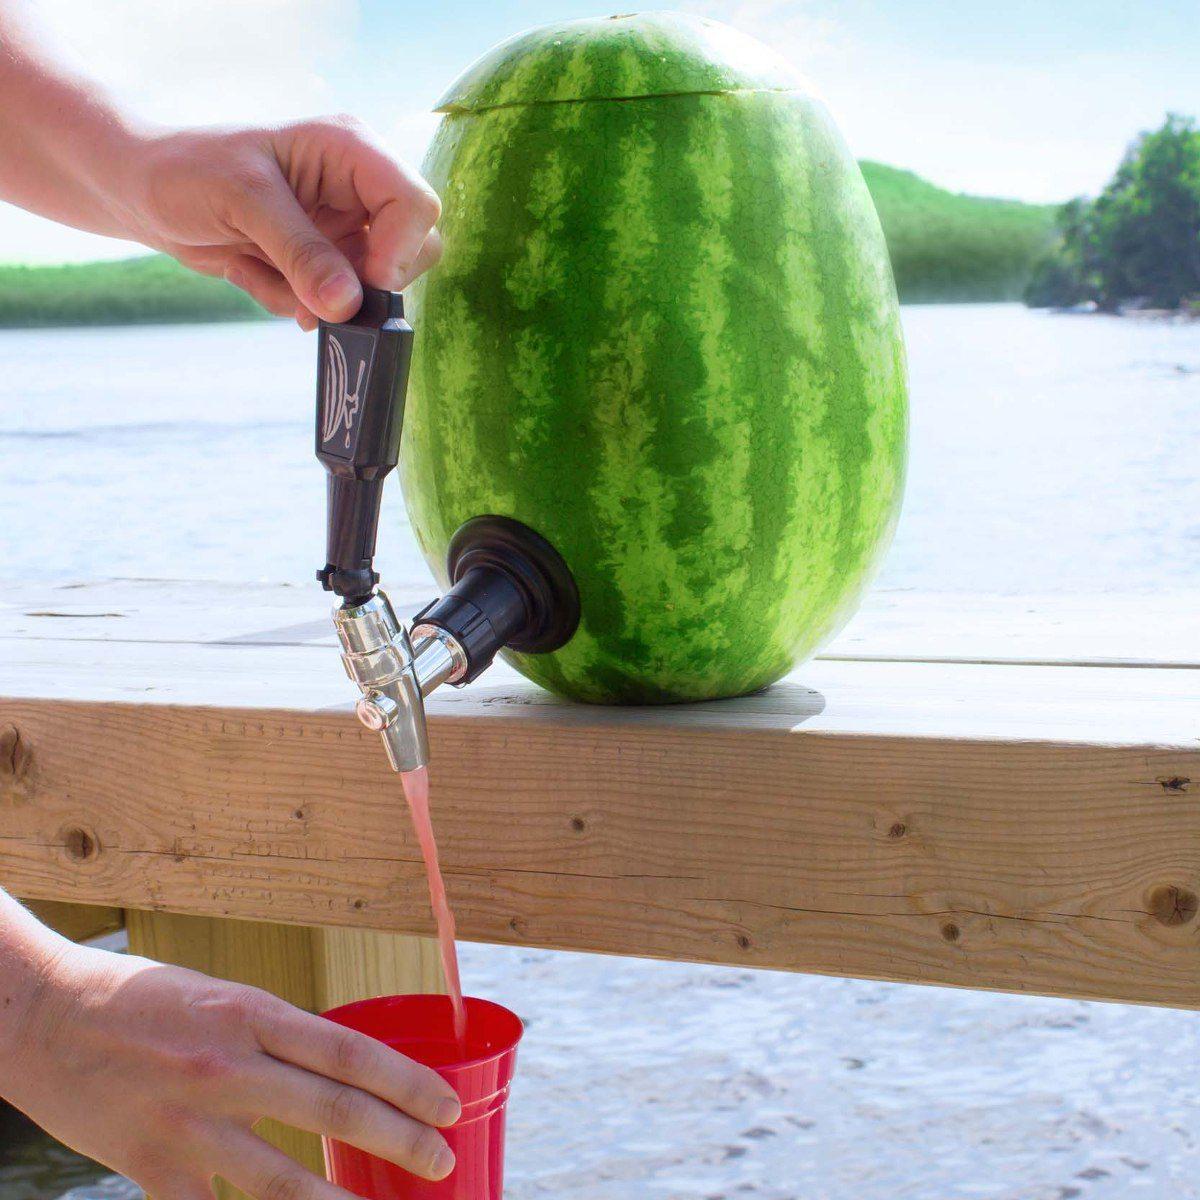 Tappkran till pumpa och vattenmelon